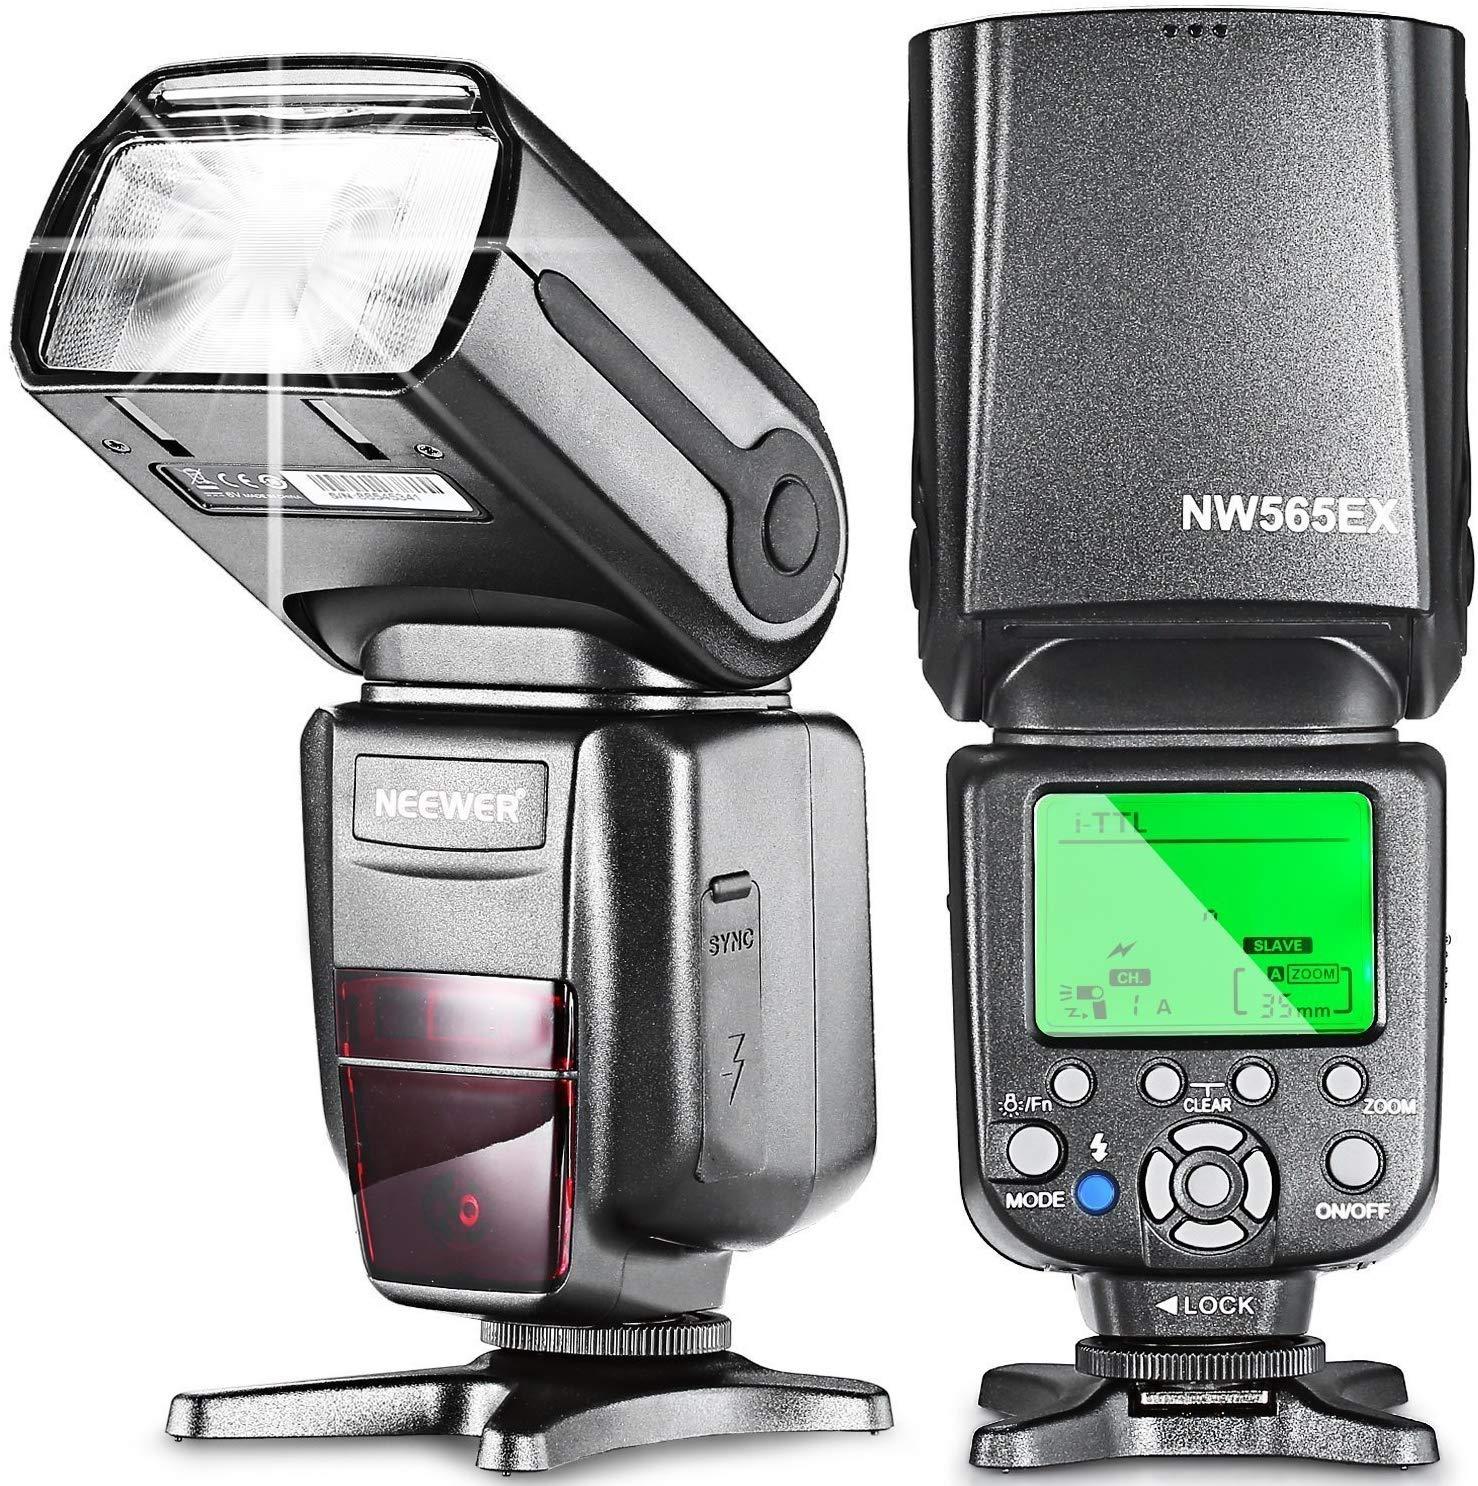 TALLA NW565N. Neewer NW565EX i-TTL Flash Esclavo Speedlite para Nikon D7200 D7100 D7000 D5500 D5300 D5200 D5100 D5000 D3300 D3200 D3100 D3000 D700 D600 D500 D90 D80 D70 D60 D50 y otros Nikon DSLR Cámaras